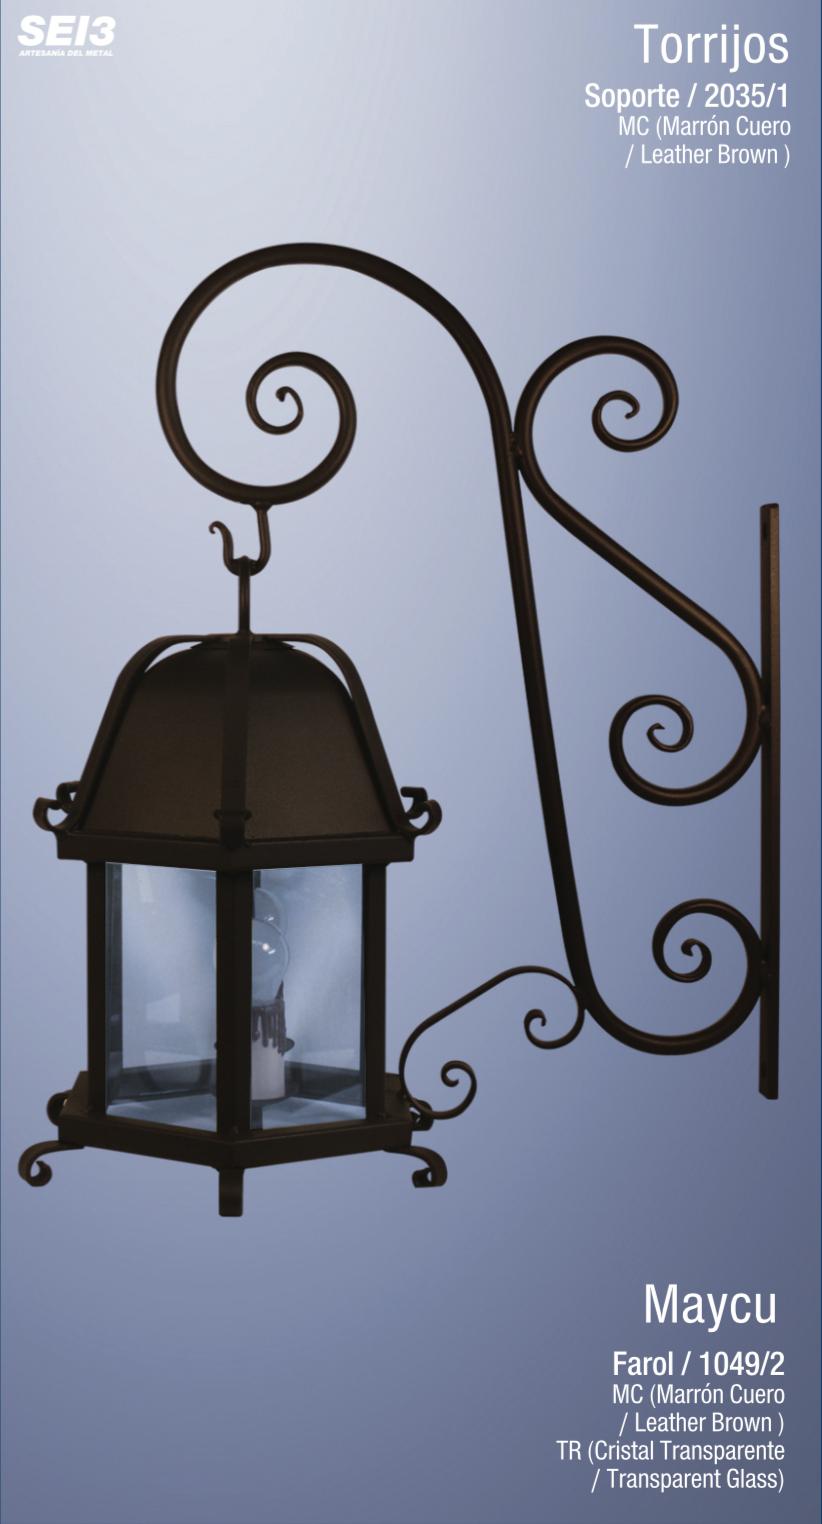 Faroles y apliques de exterior sei3 iluminaci n artesanal for Faroles para iluminacion exterior